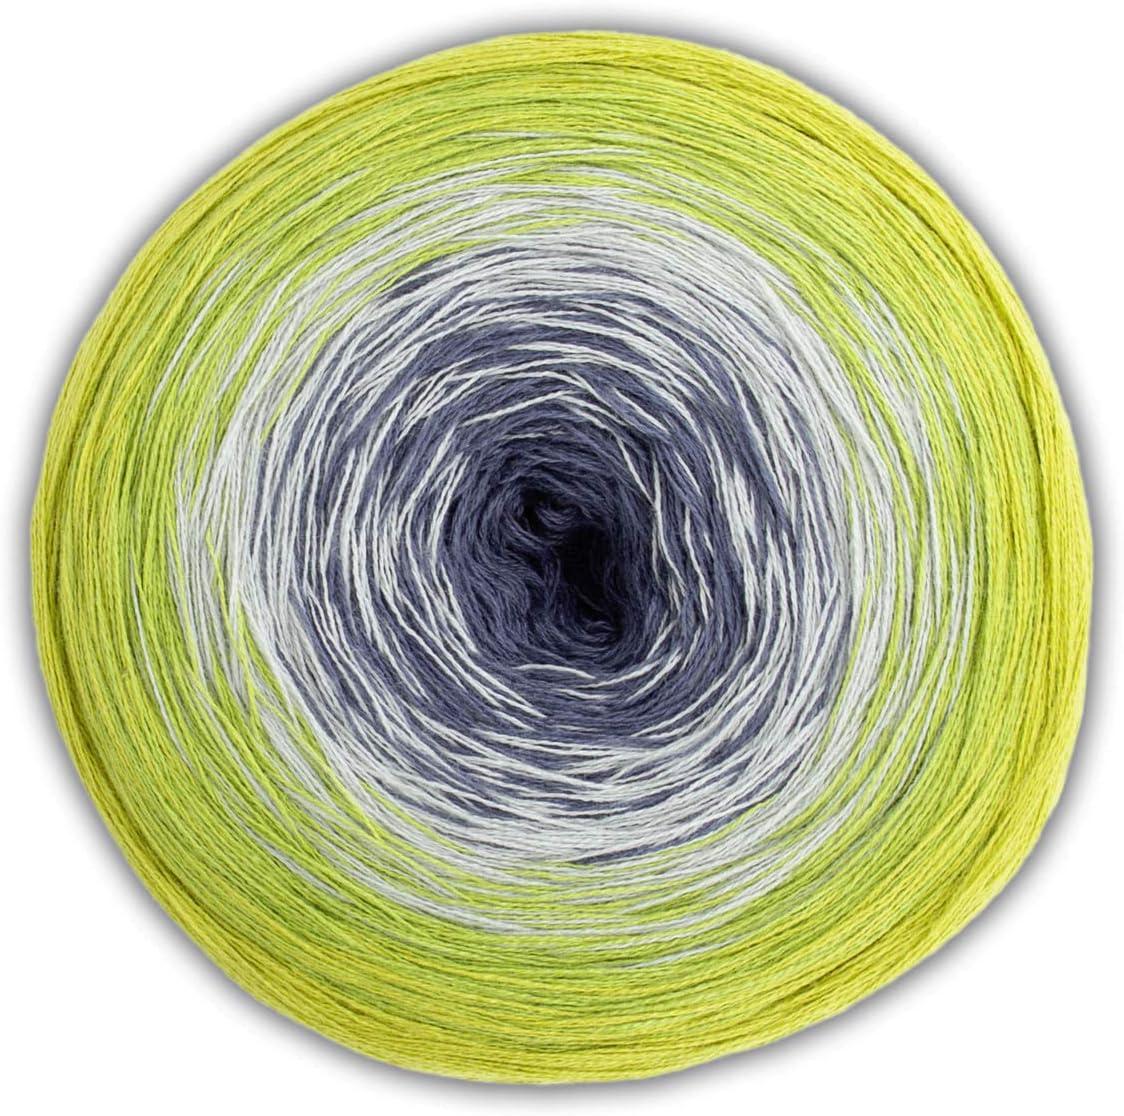 200g Bobbel avec Longue Degrad/é Woolly Hugs Bobbel Coton Couleur 23 Turquoise D/égrad/é de Couleur